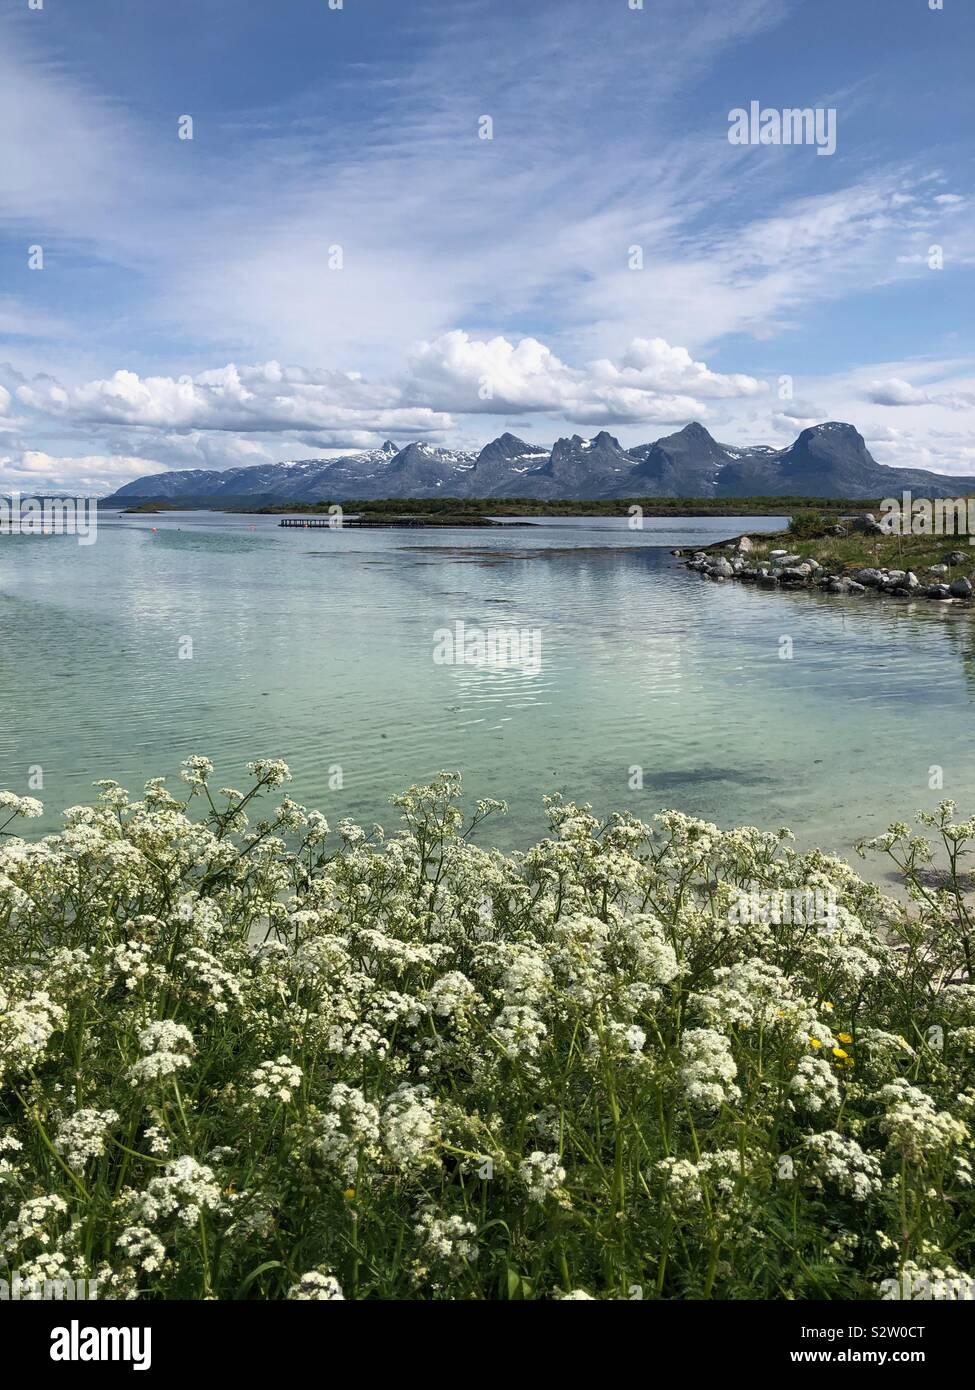 Les sept soeurs de montagnes à Heroy, île de la Norvège. Banque D'Images